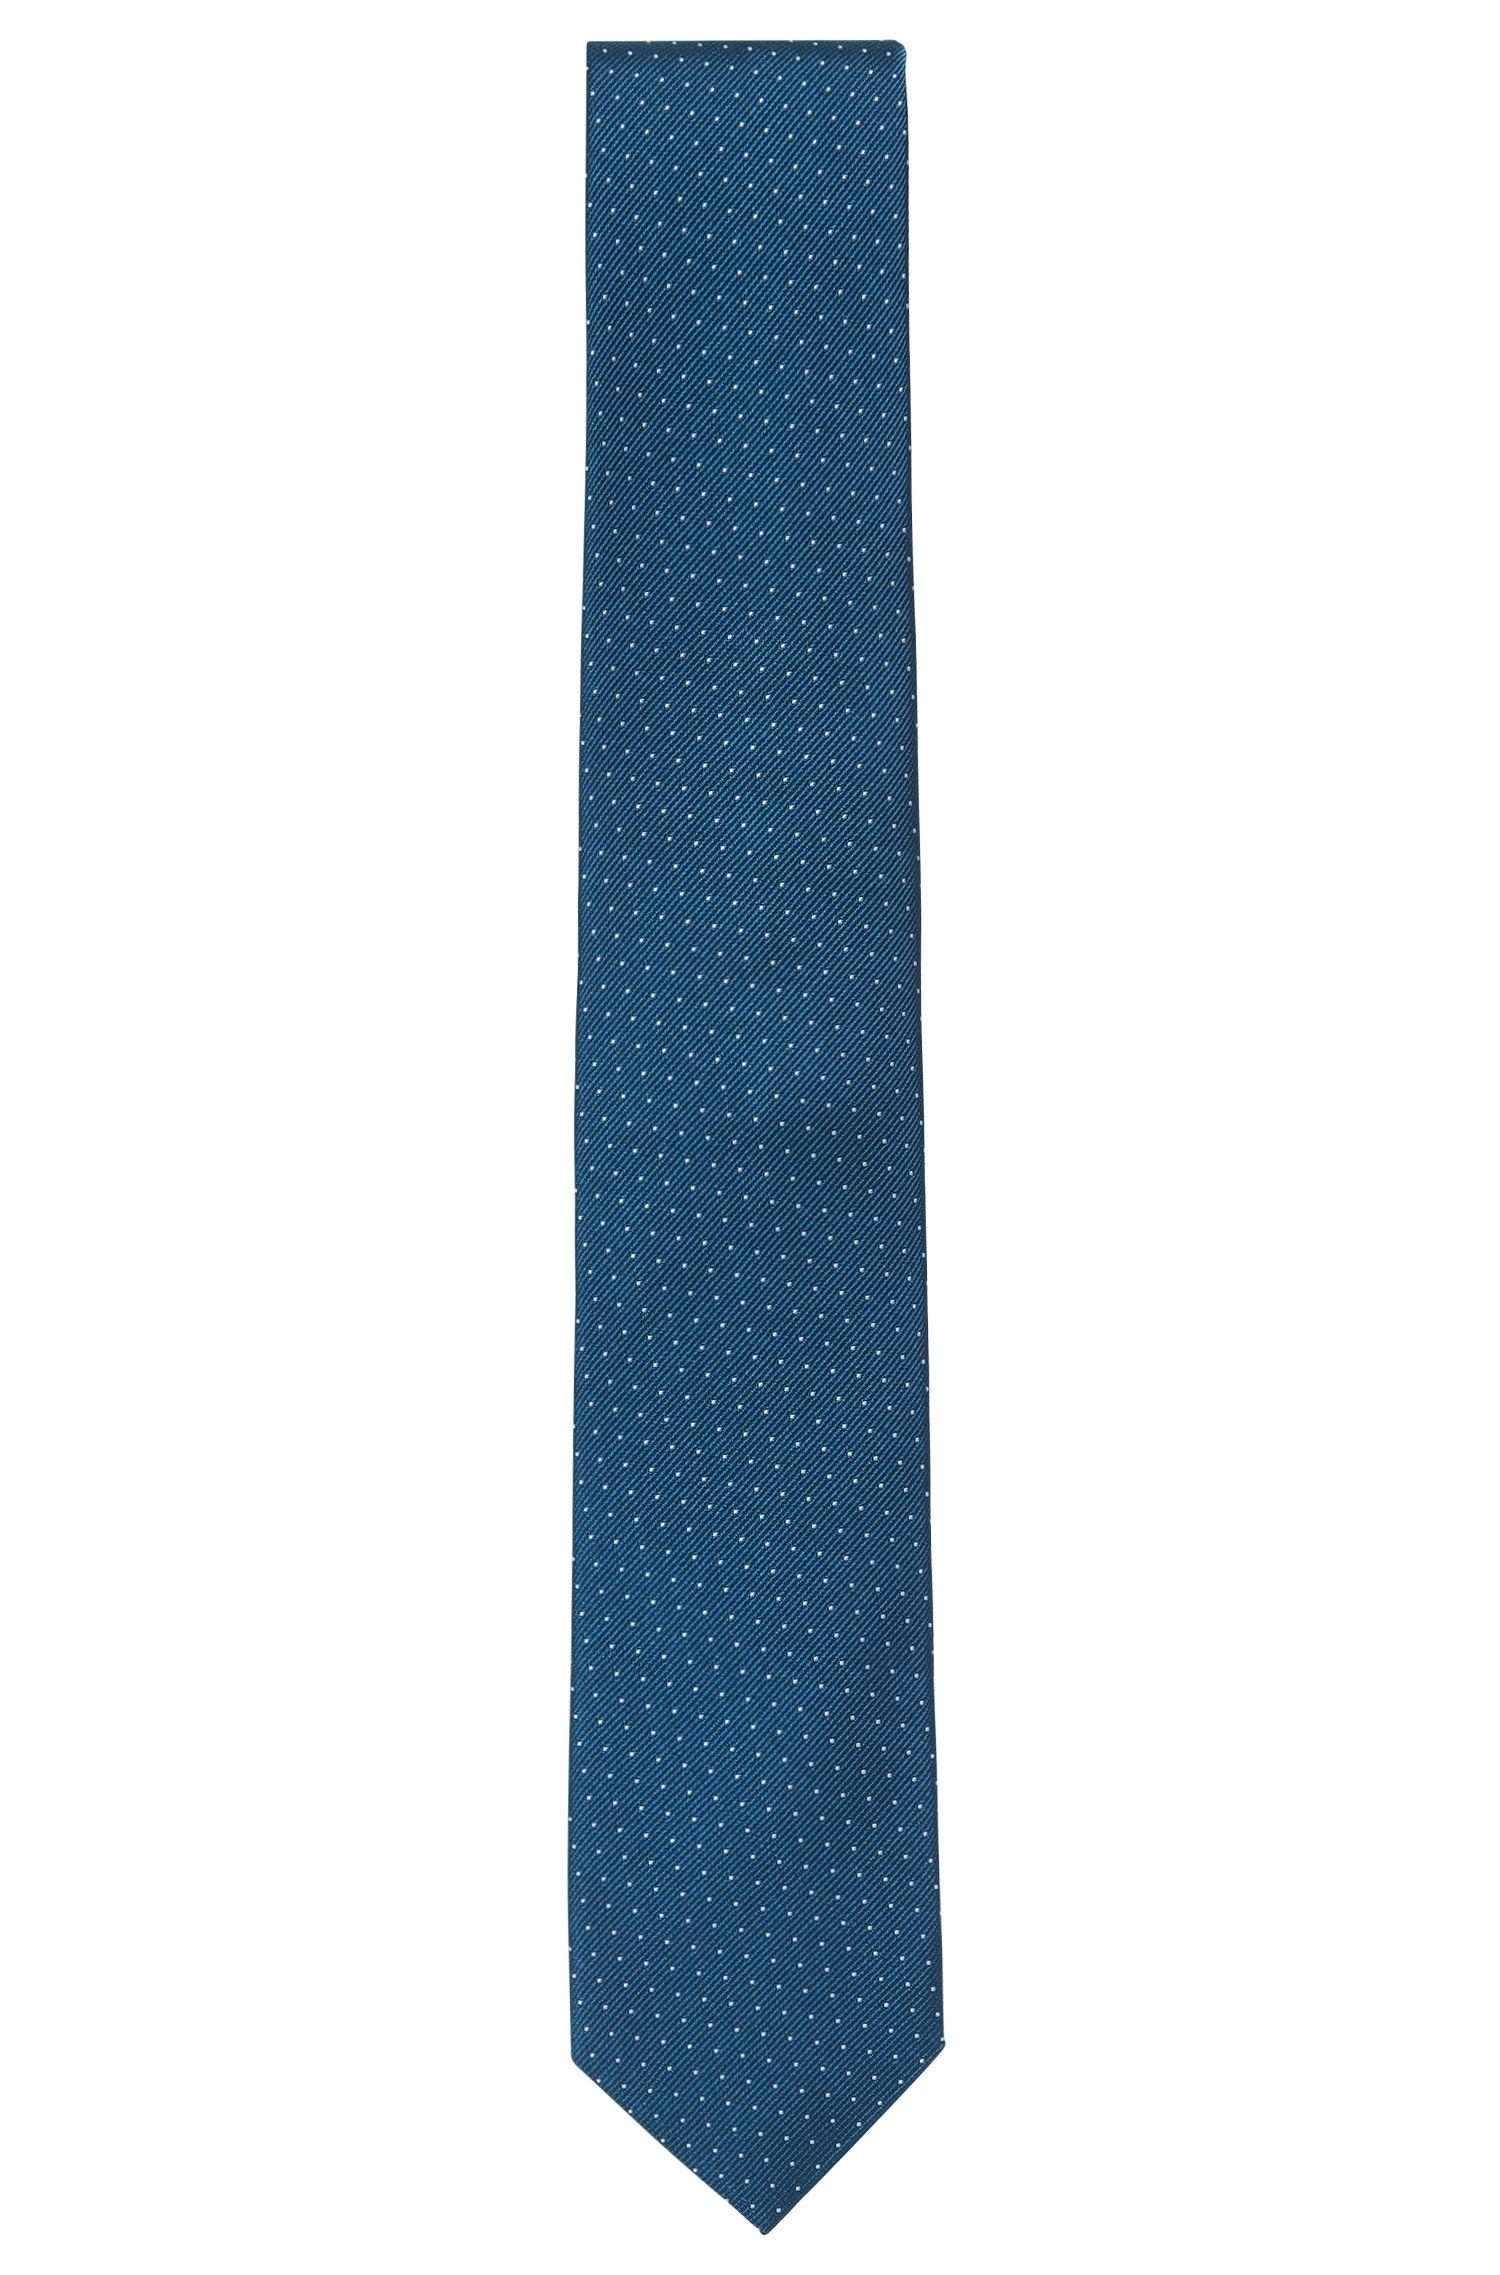 Cravatta con micropois in seta pregiata